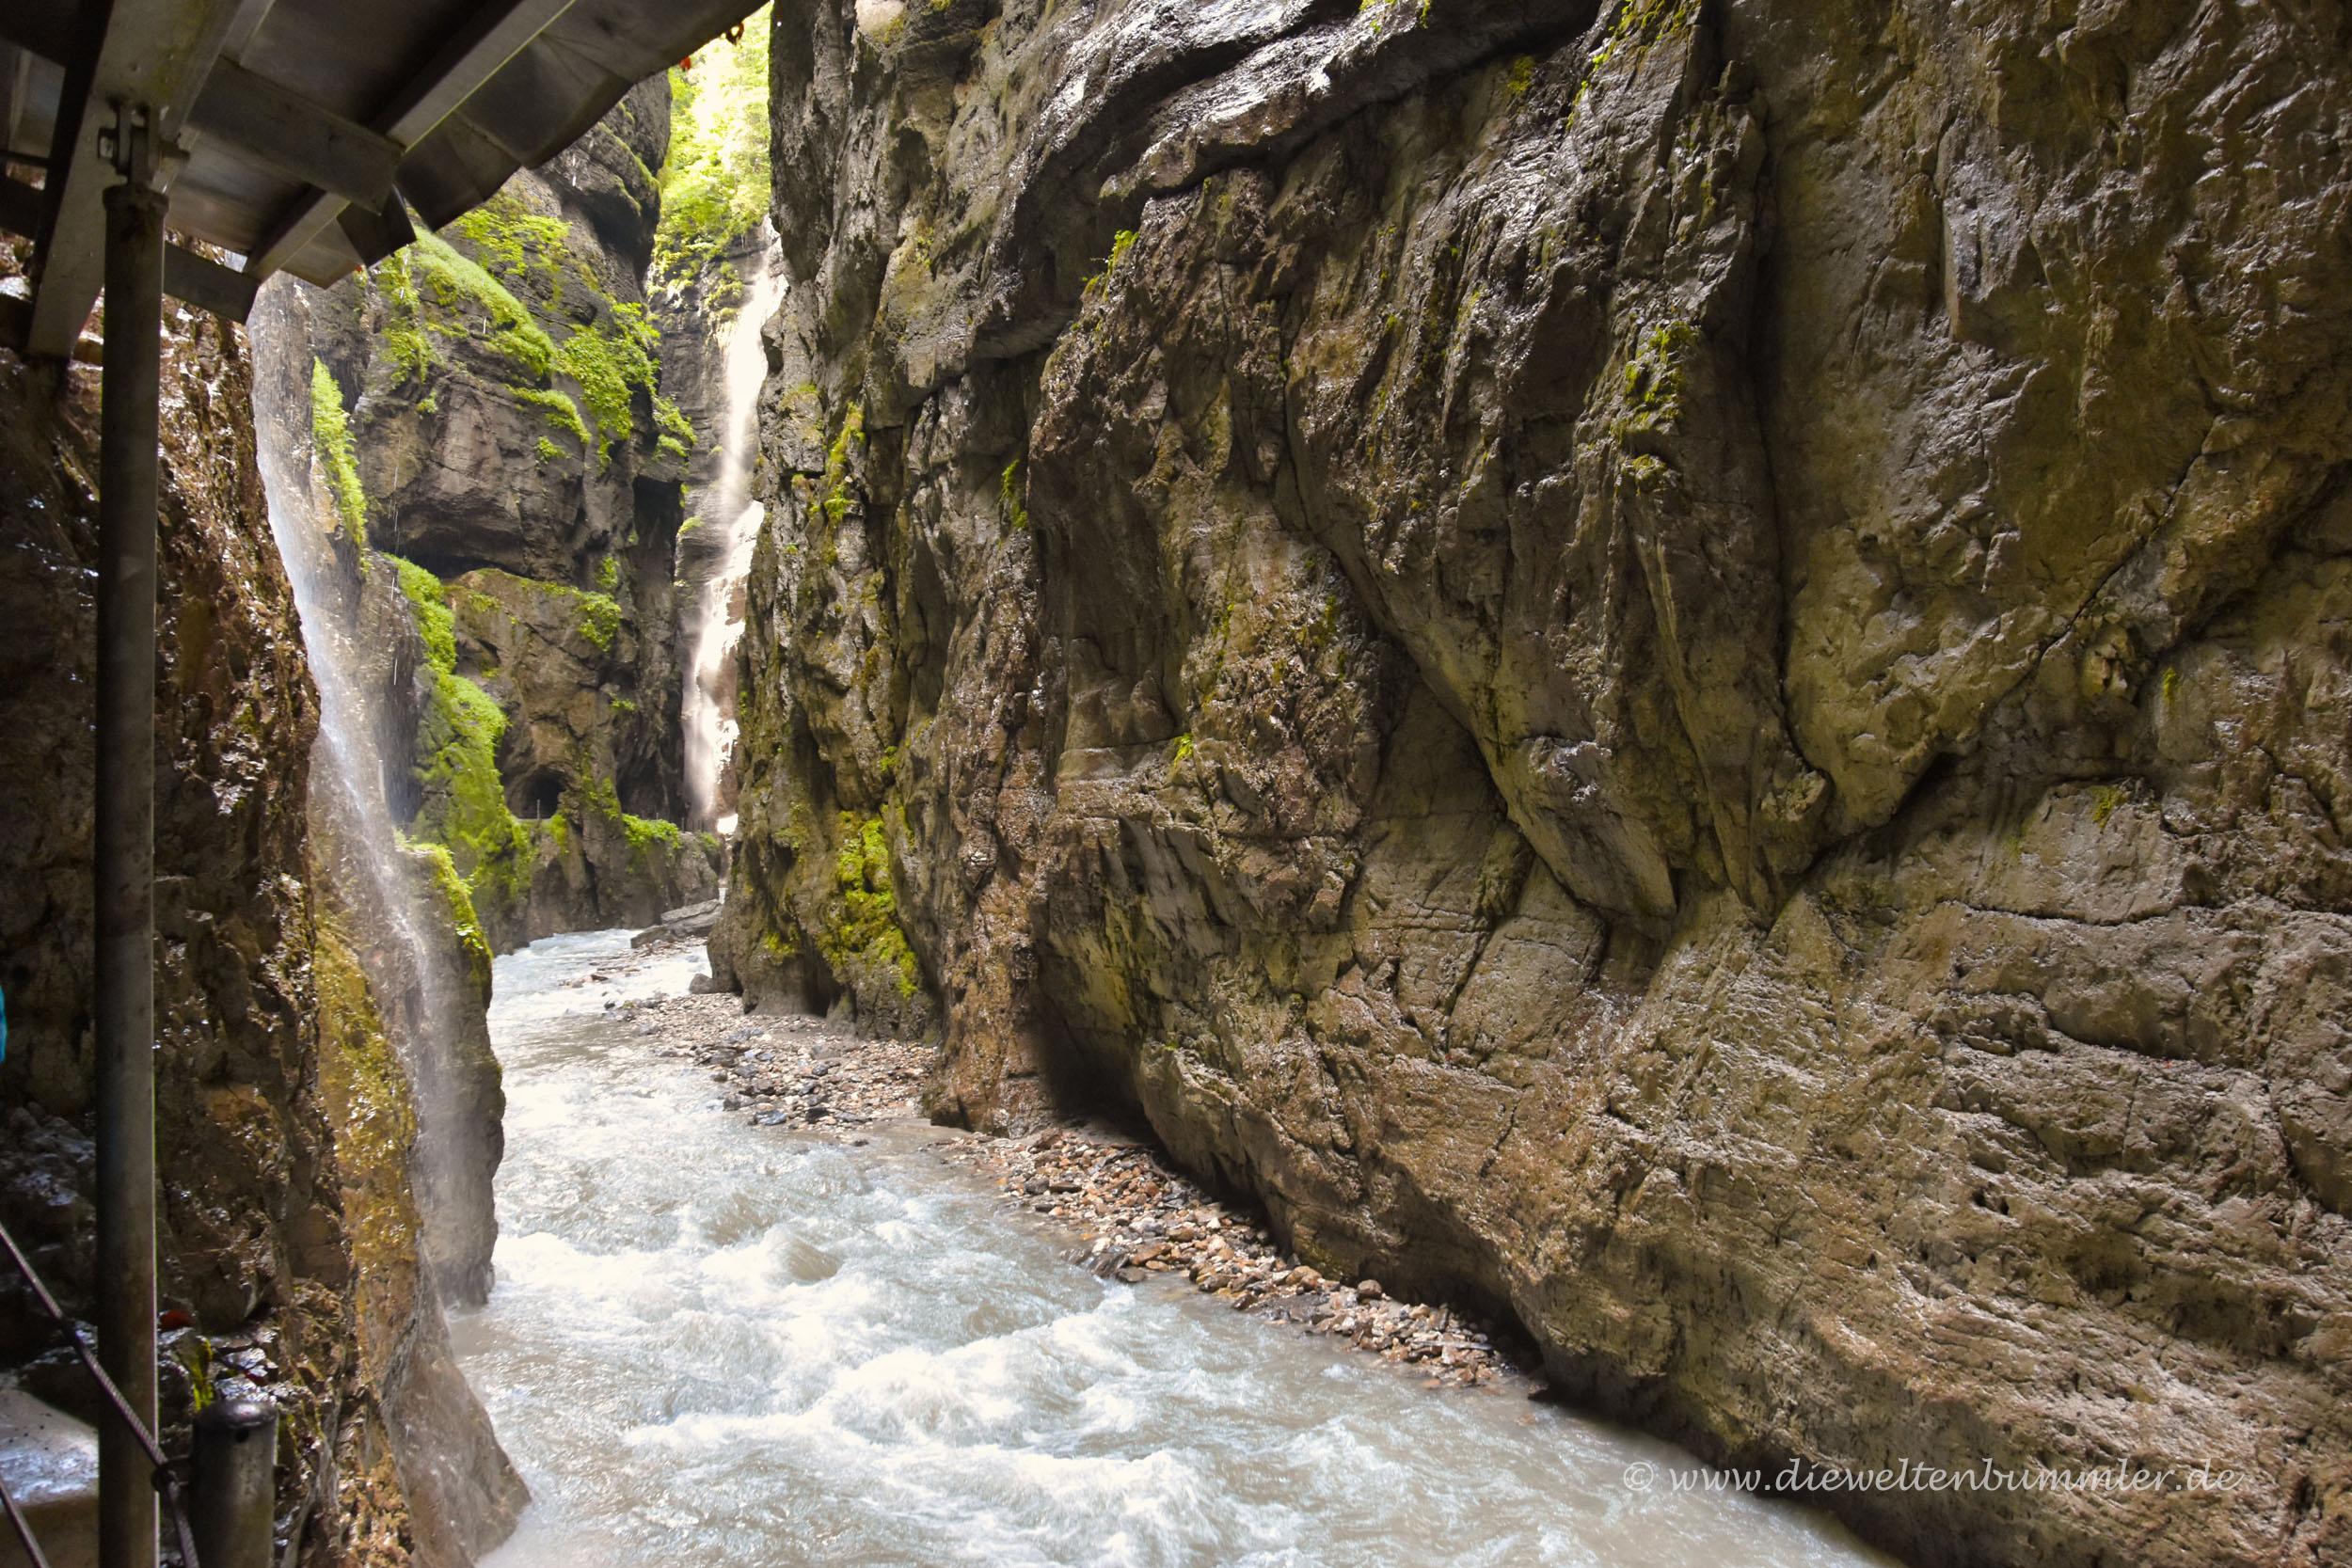 Klamm mit mehreren Wasserfällen